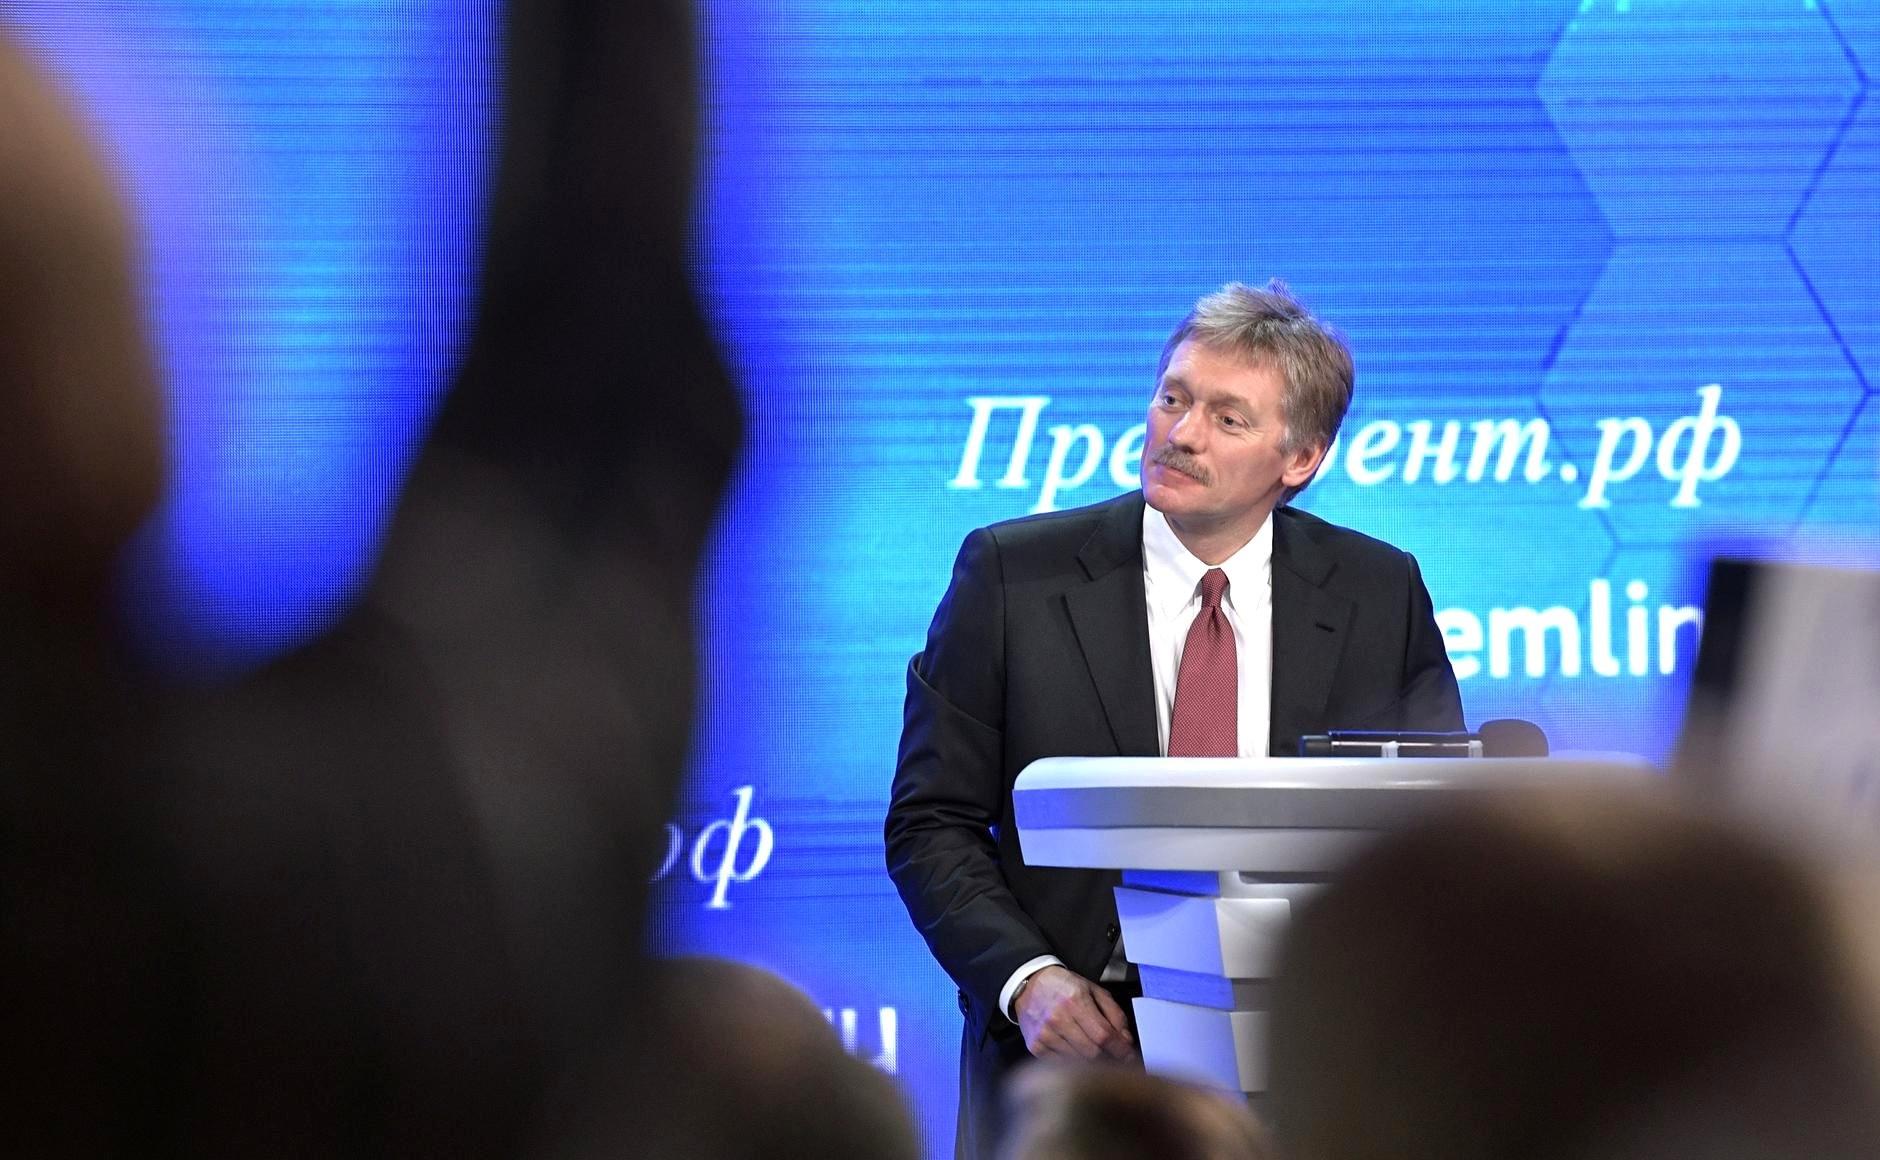 Putin wird erst nach der offiziellen Bekanntgabe dem gewählten Präsidenten gratulieren